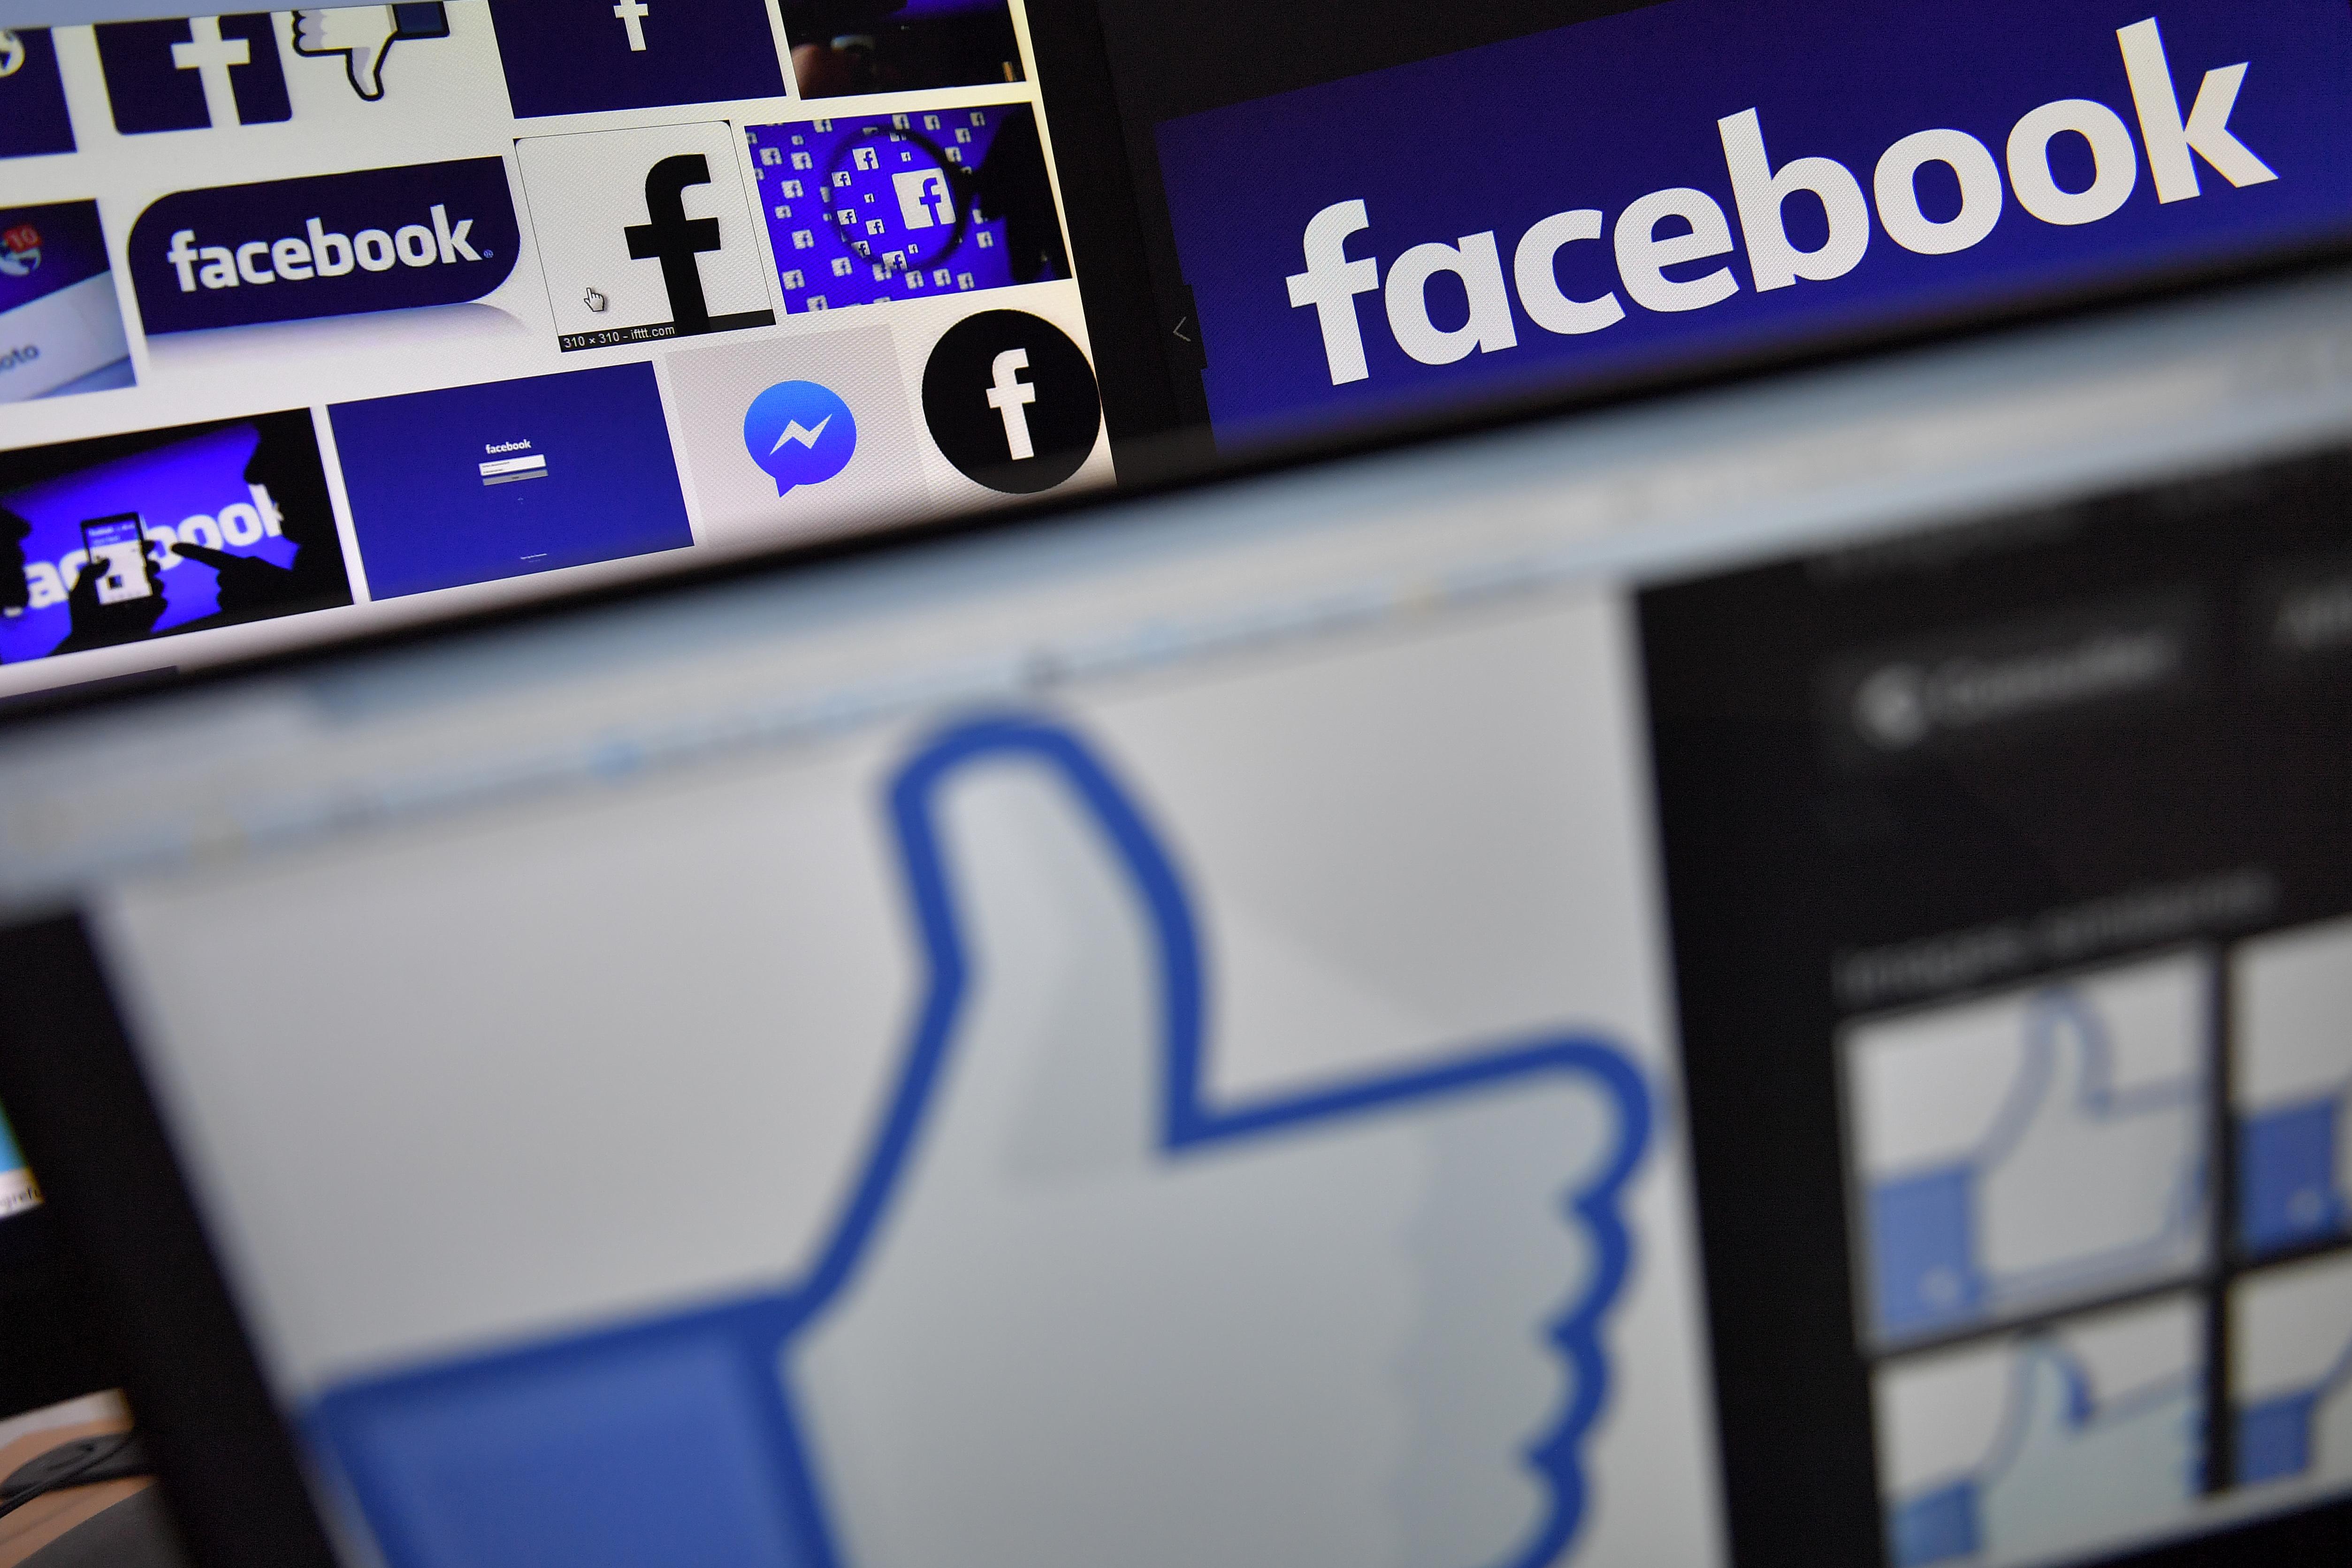 Facebook Россиянинг зарарли таъсир чоралари сабабли унга тегишли яна бир қанча аккаунтларни ўчириб ташлади